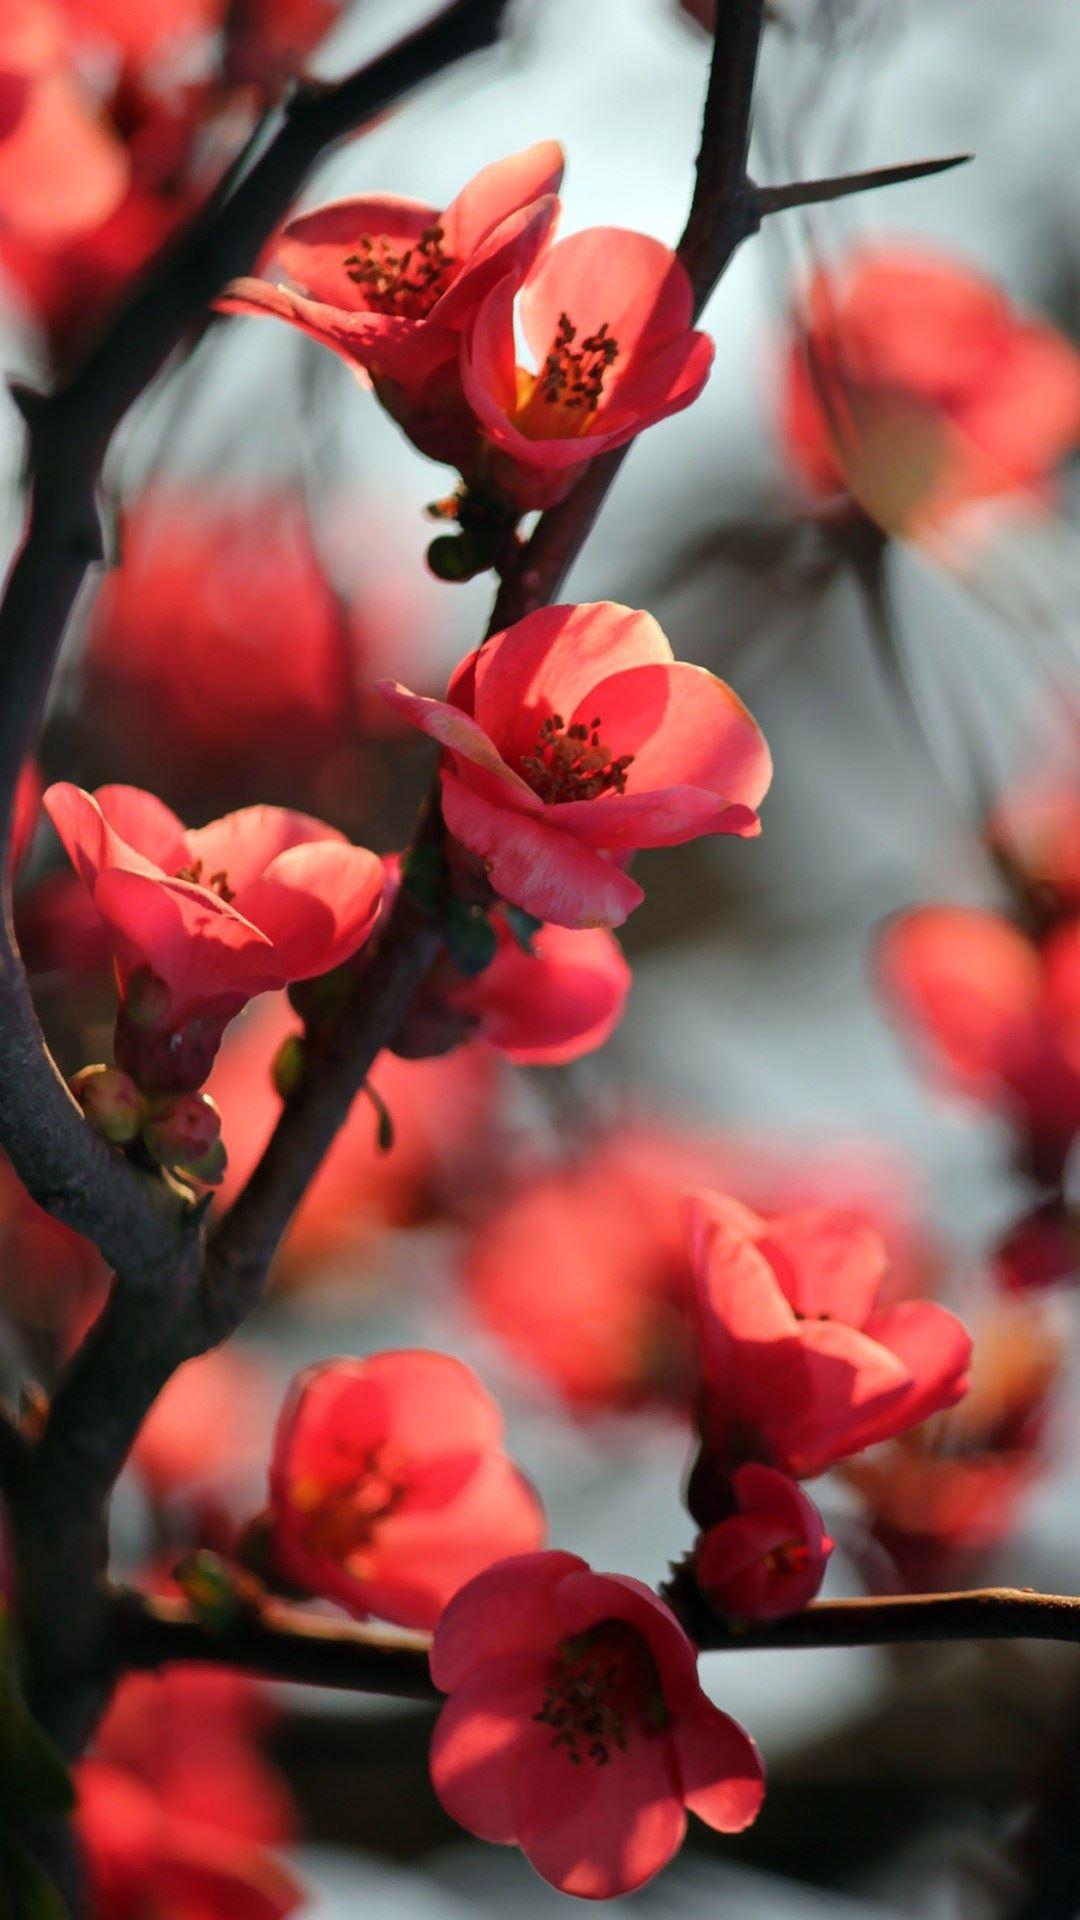 Fondo de pantalla con flores rojas